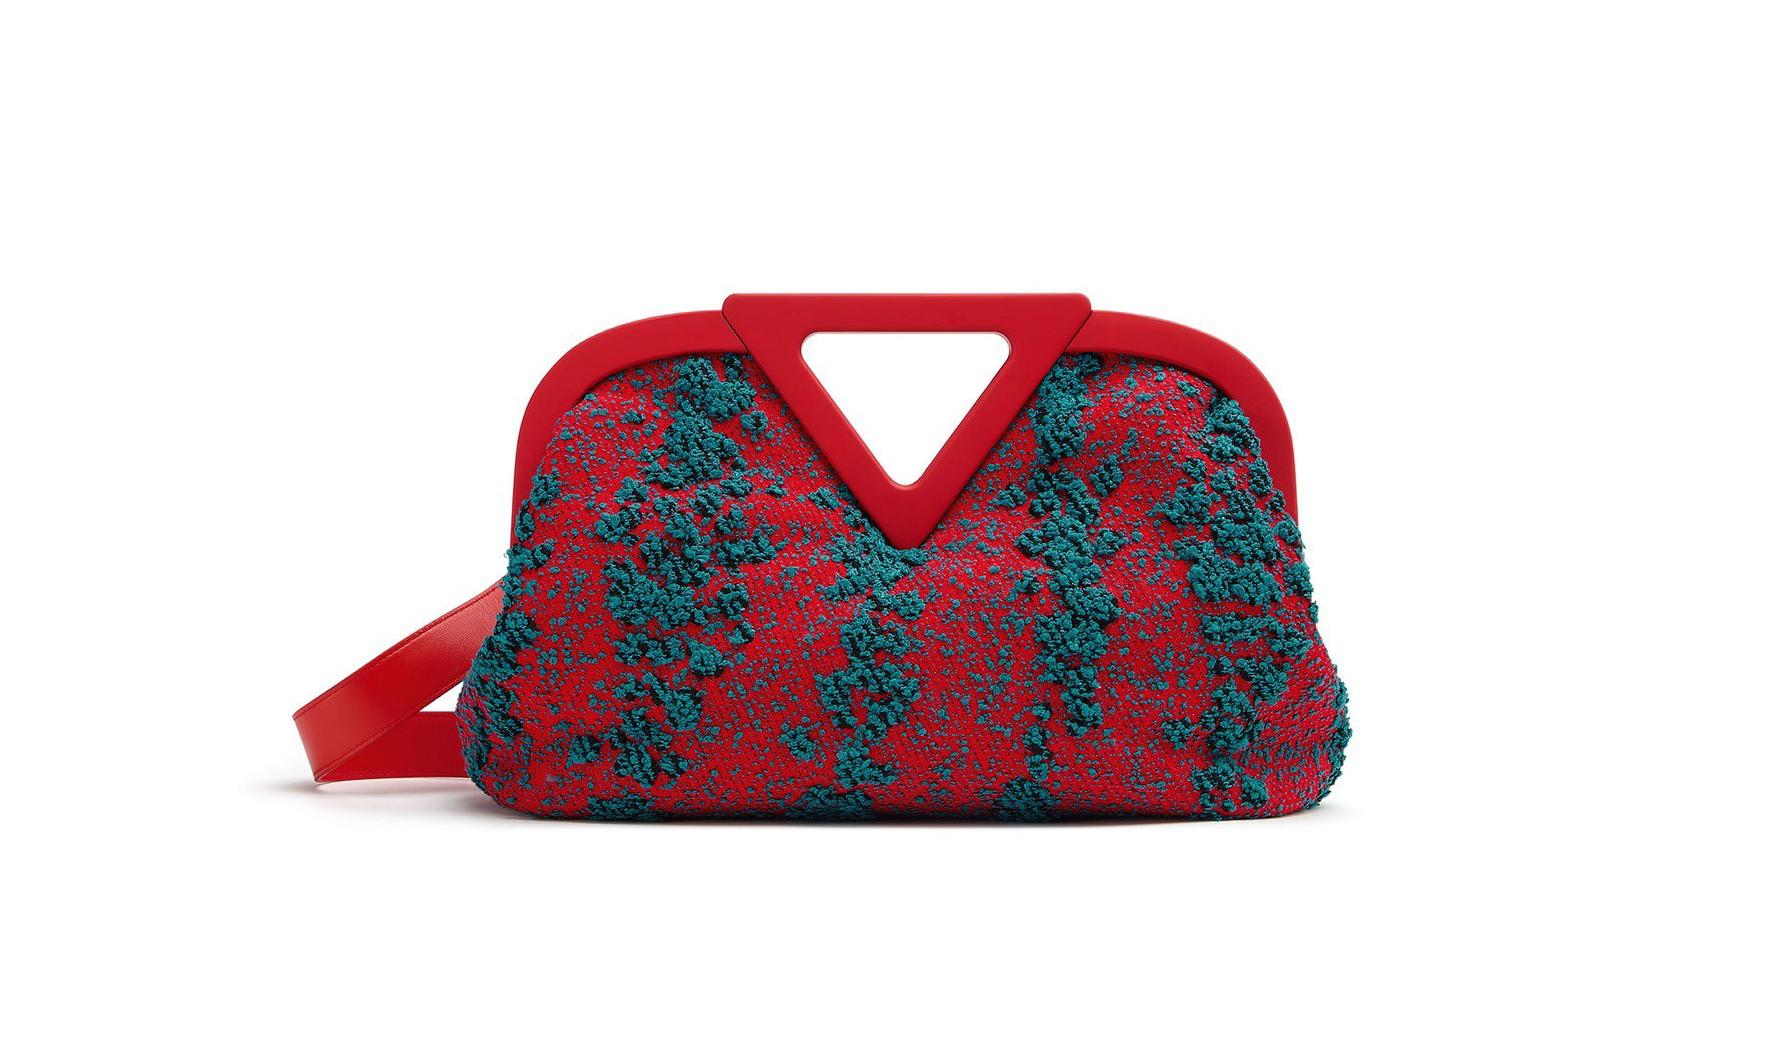 大热预定,BOTTEGA VENETA 释出新款编织手袋